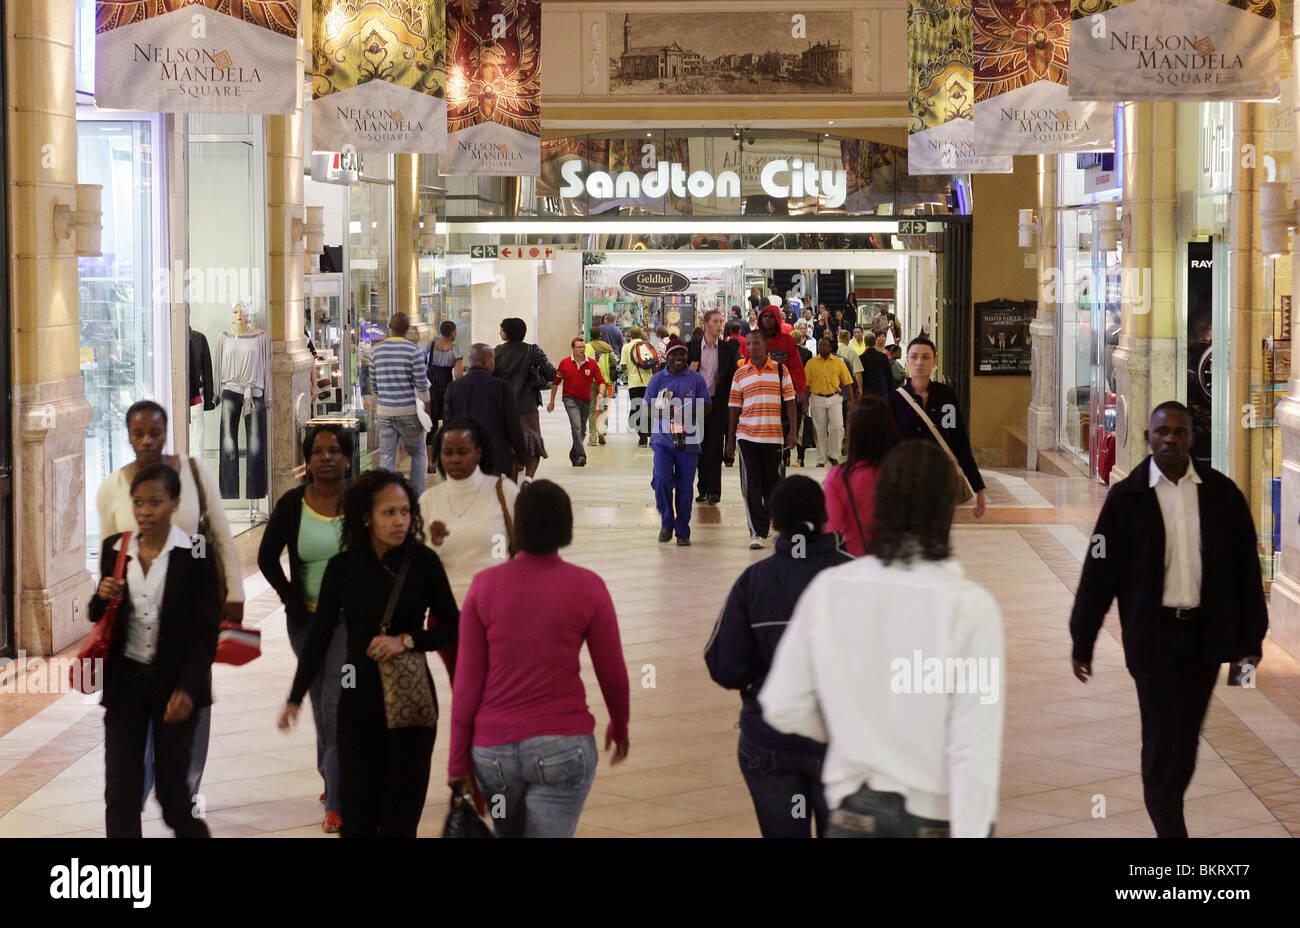 Sandton City, hotel de luxe- et dans le complexe commercial de Sandton, banlieue de Johannesburg, Afrique du Sud Photo Stock